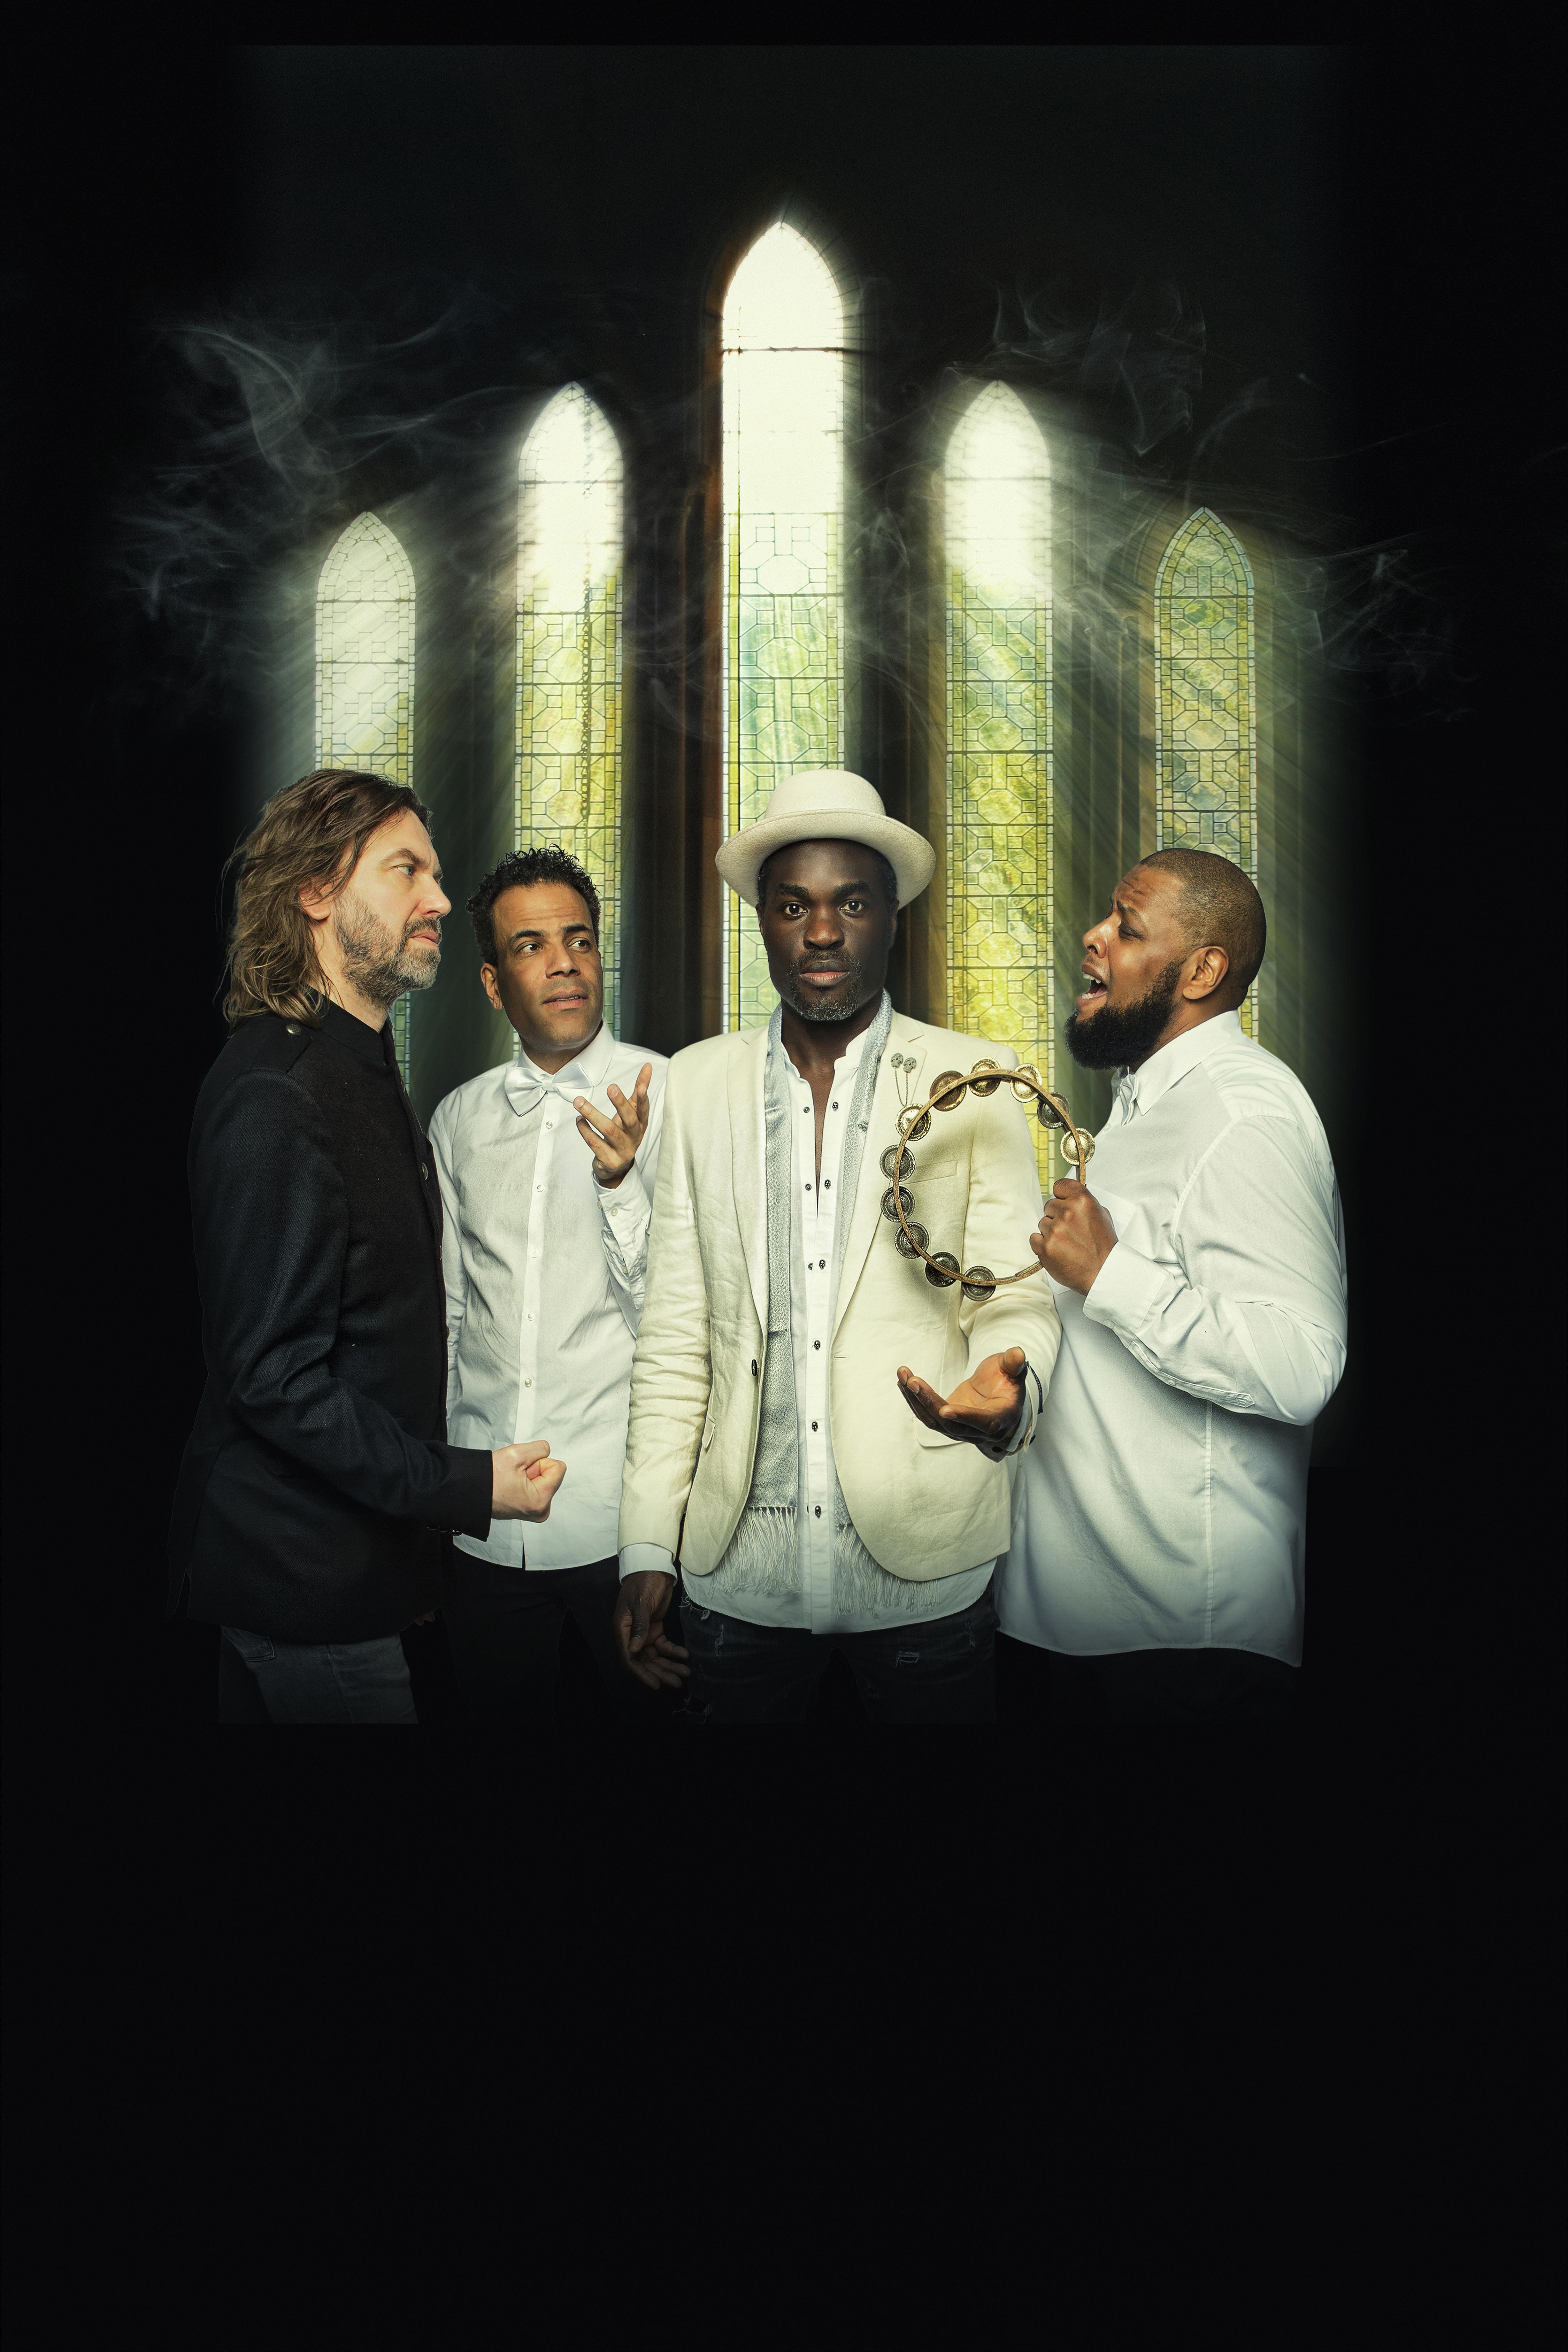 Promobeeld The Soul Preacher - staand - Fotograaf Anoek van Nunen